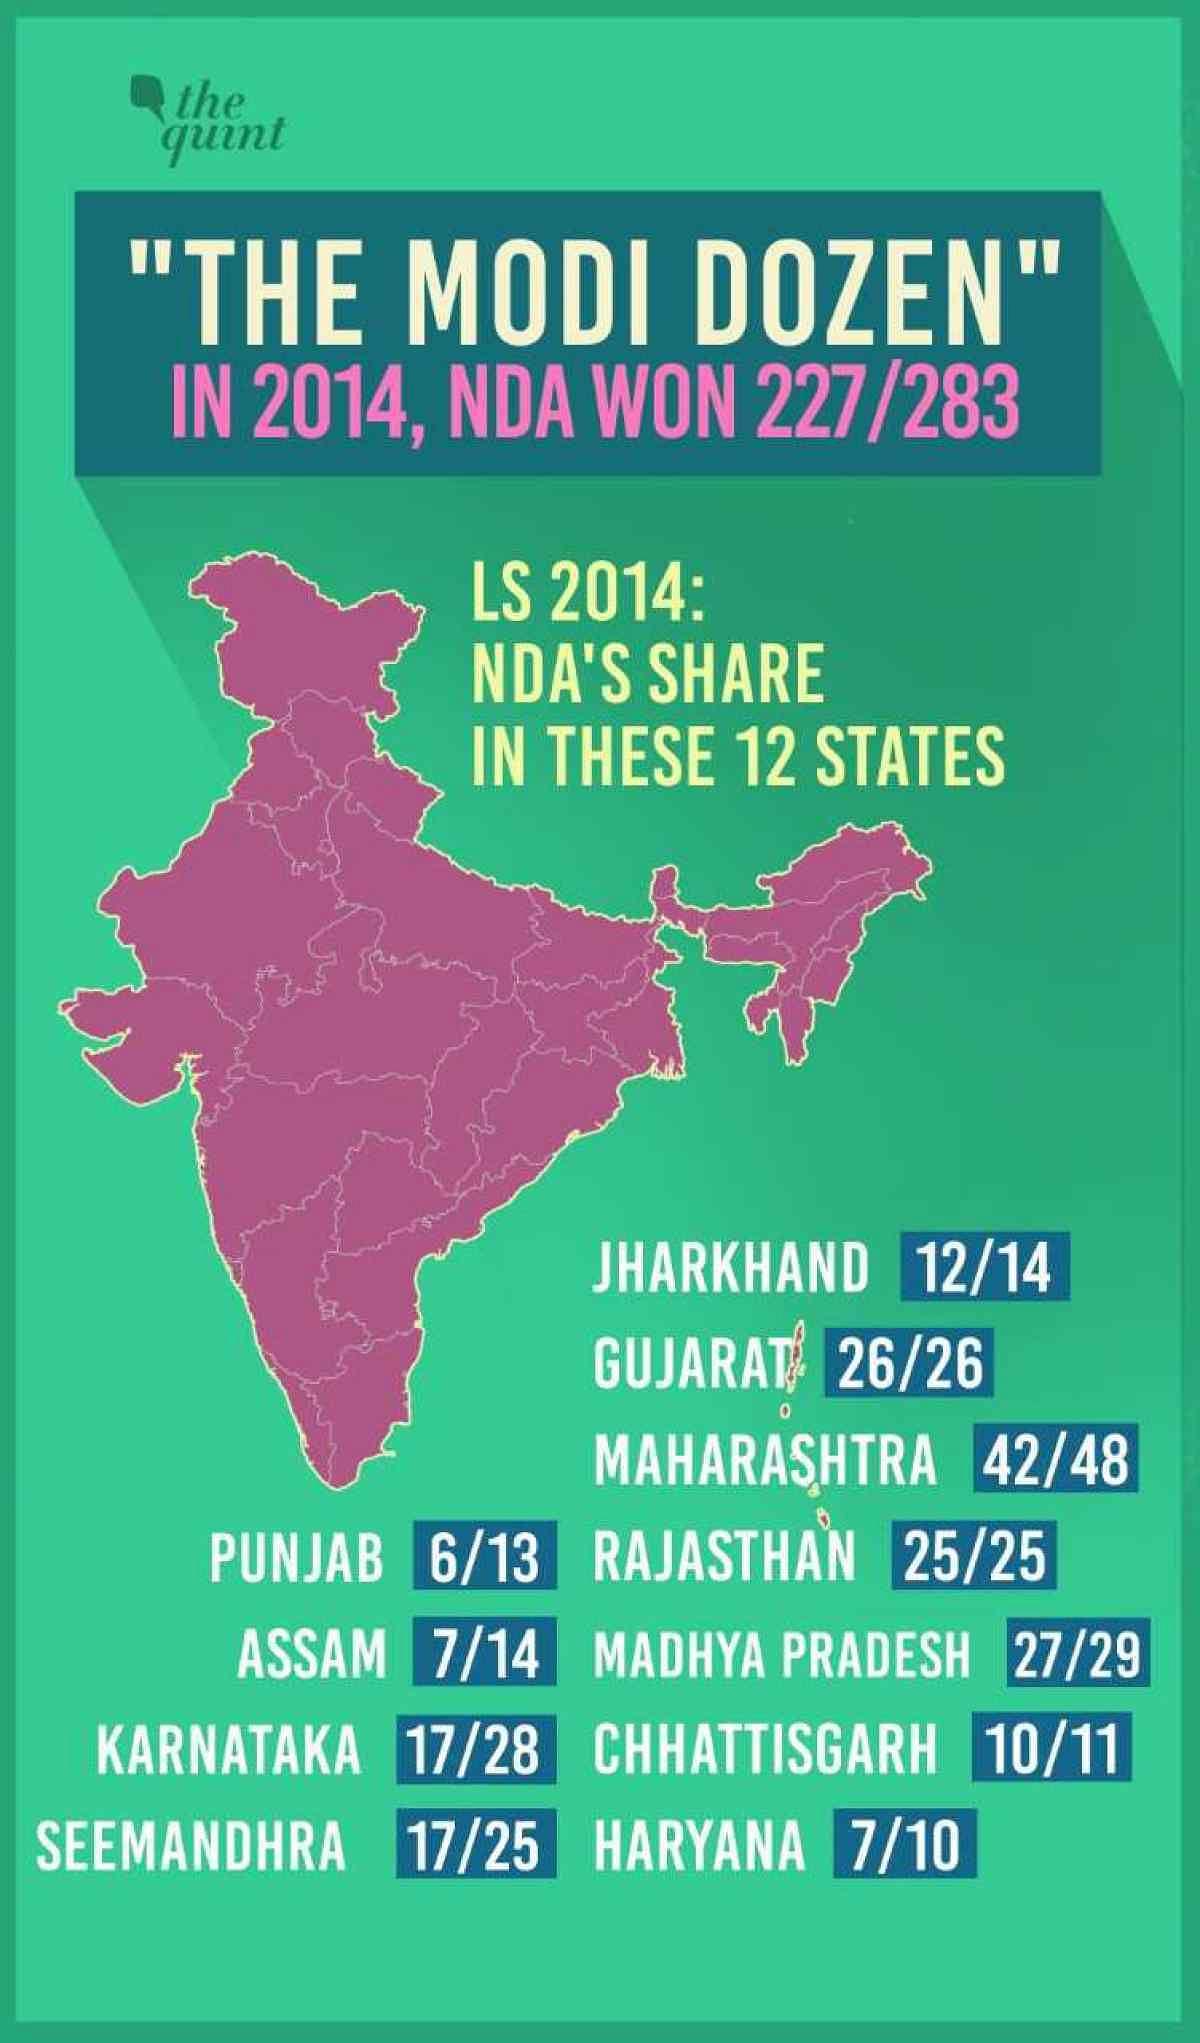 2014 के लोकसभा चुनाव में मोदी को सबसे ज्यादा सीटें देश के 12 बड़े राज्यों में मिली थीं